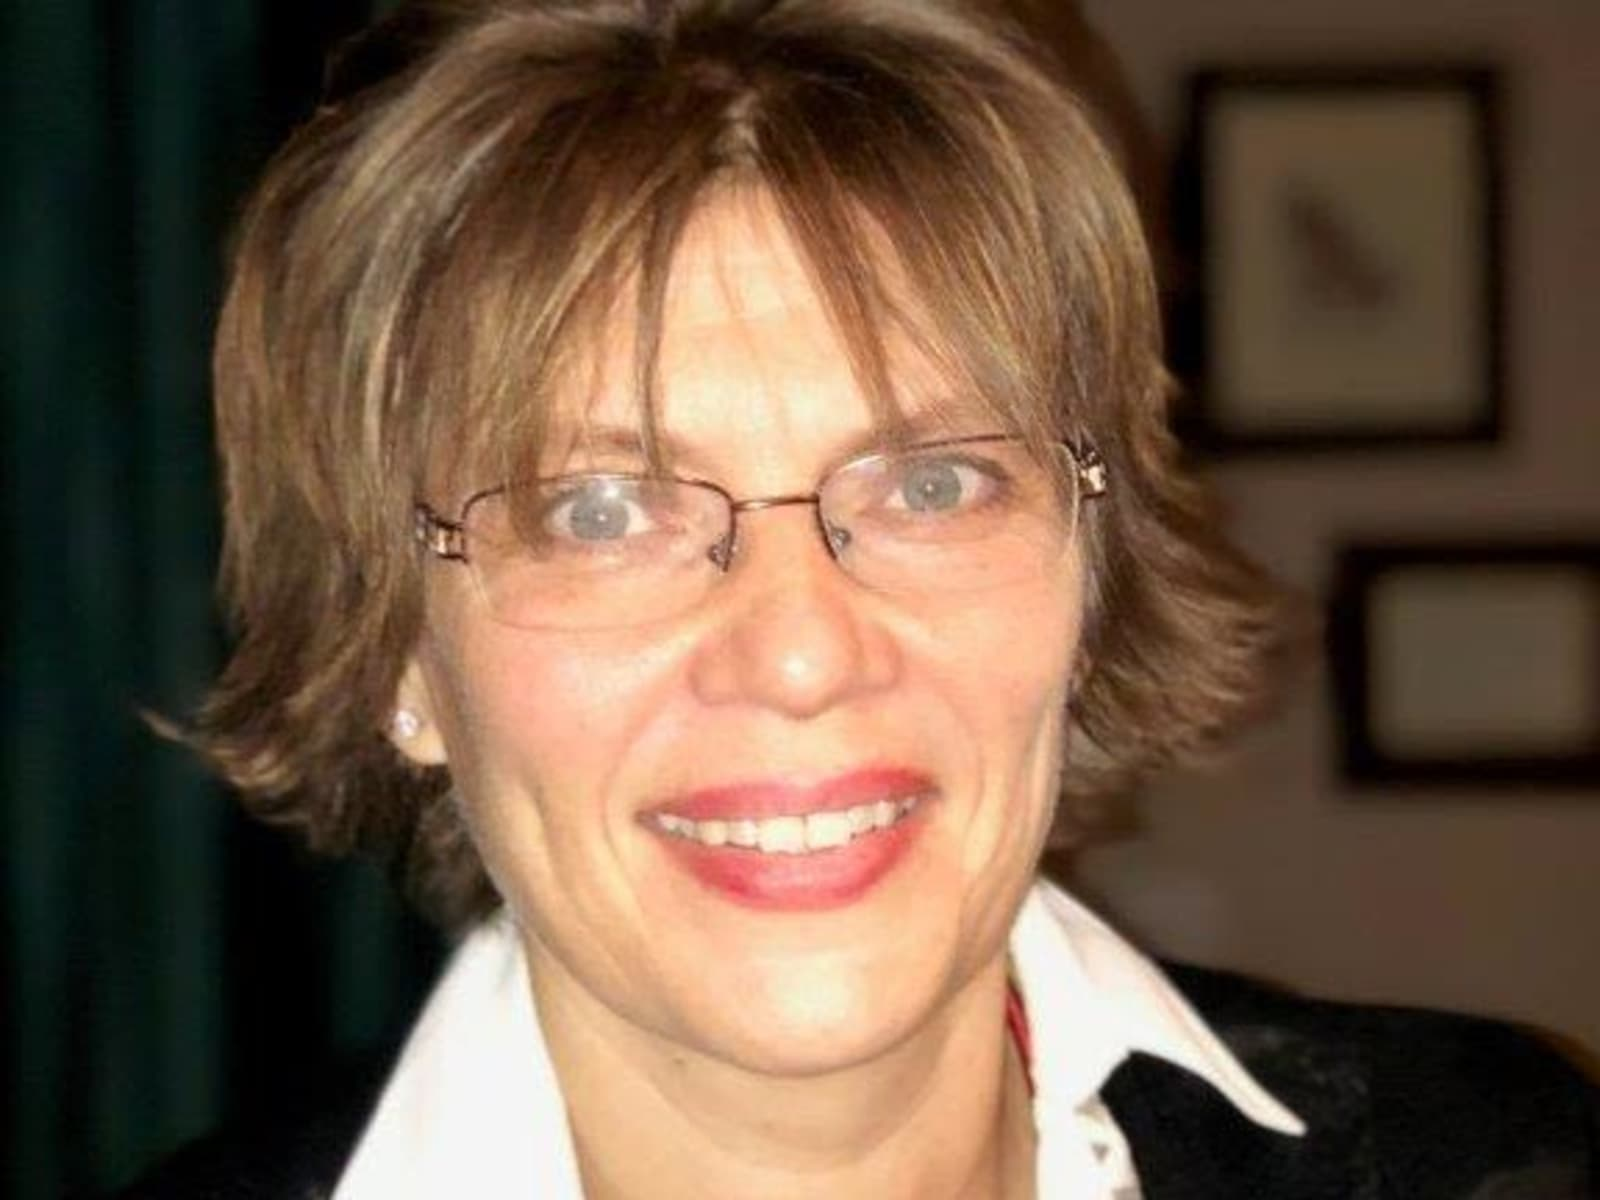 Olga from Phoenix, Arizona, United States